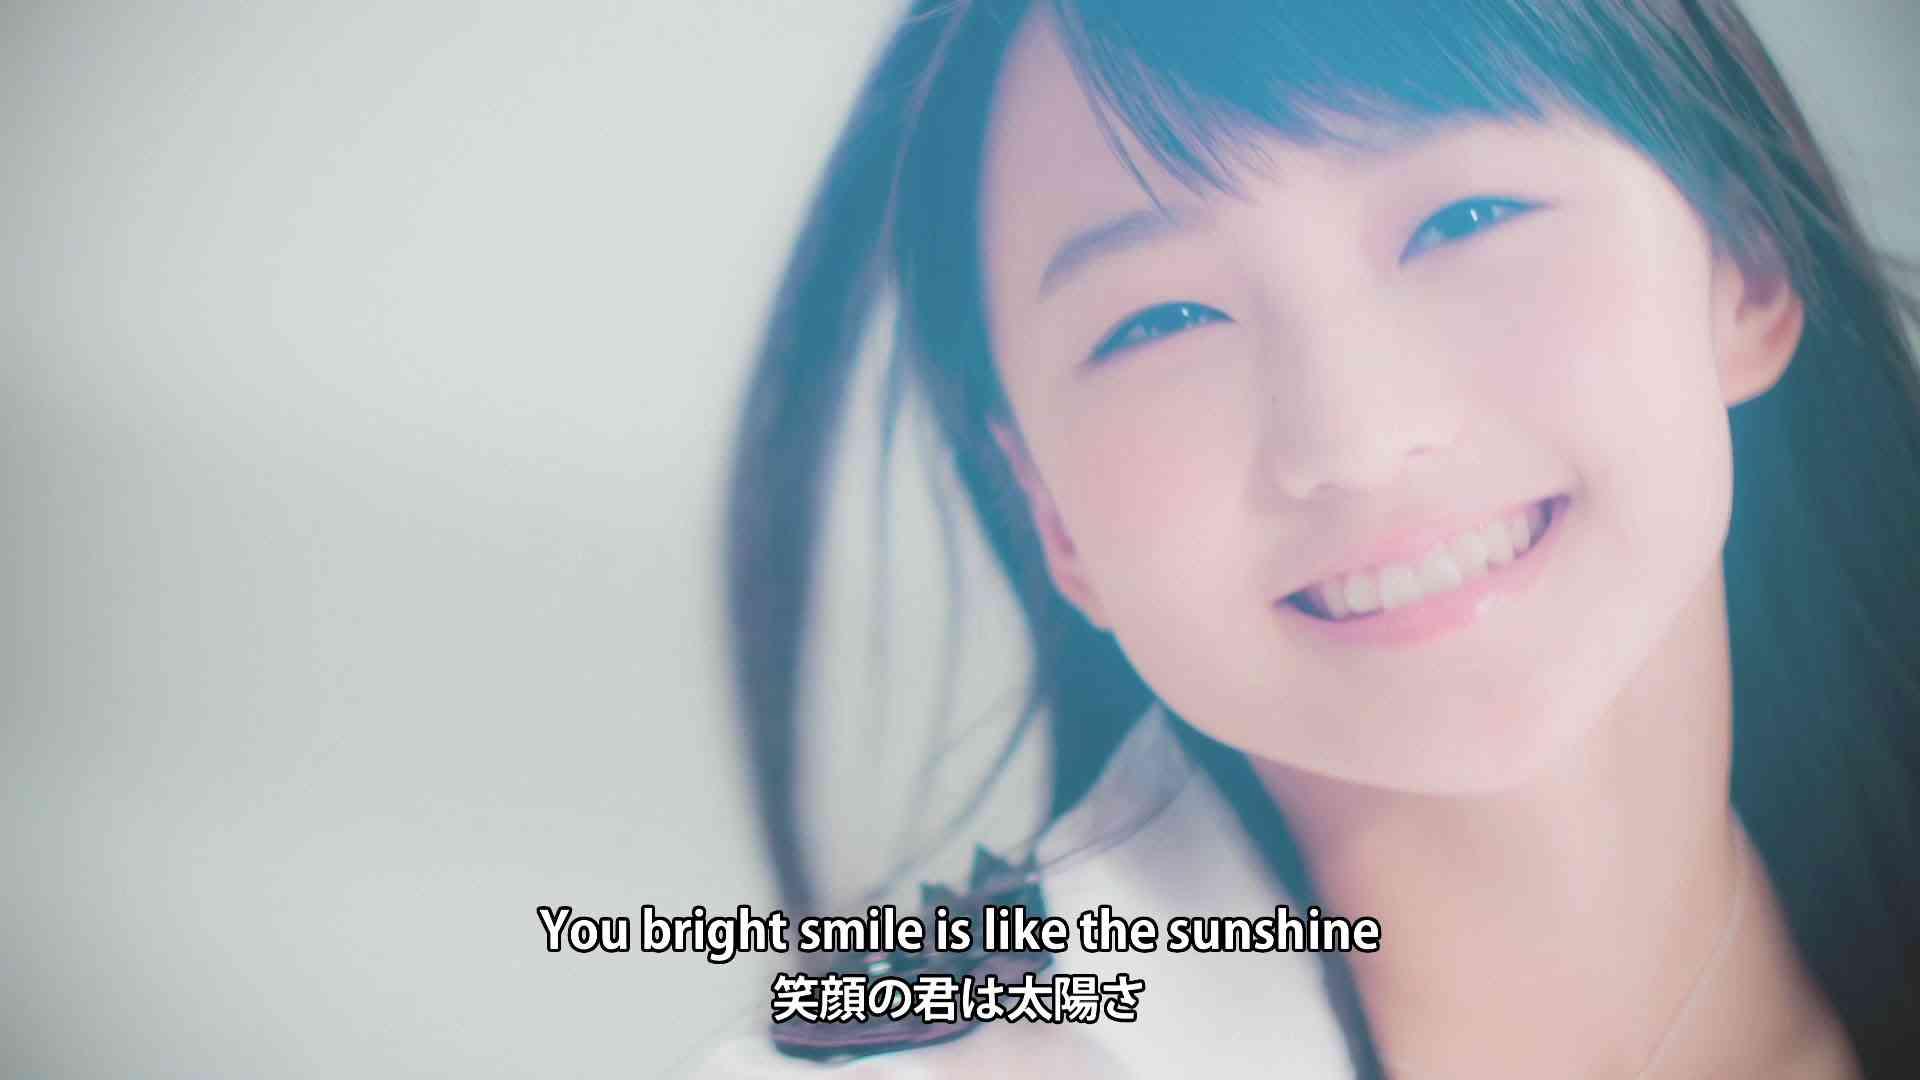 モーニング娘。『笑顔の君は太陽さ』